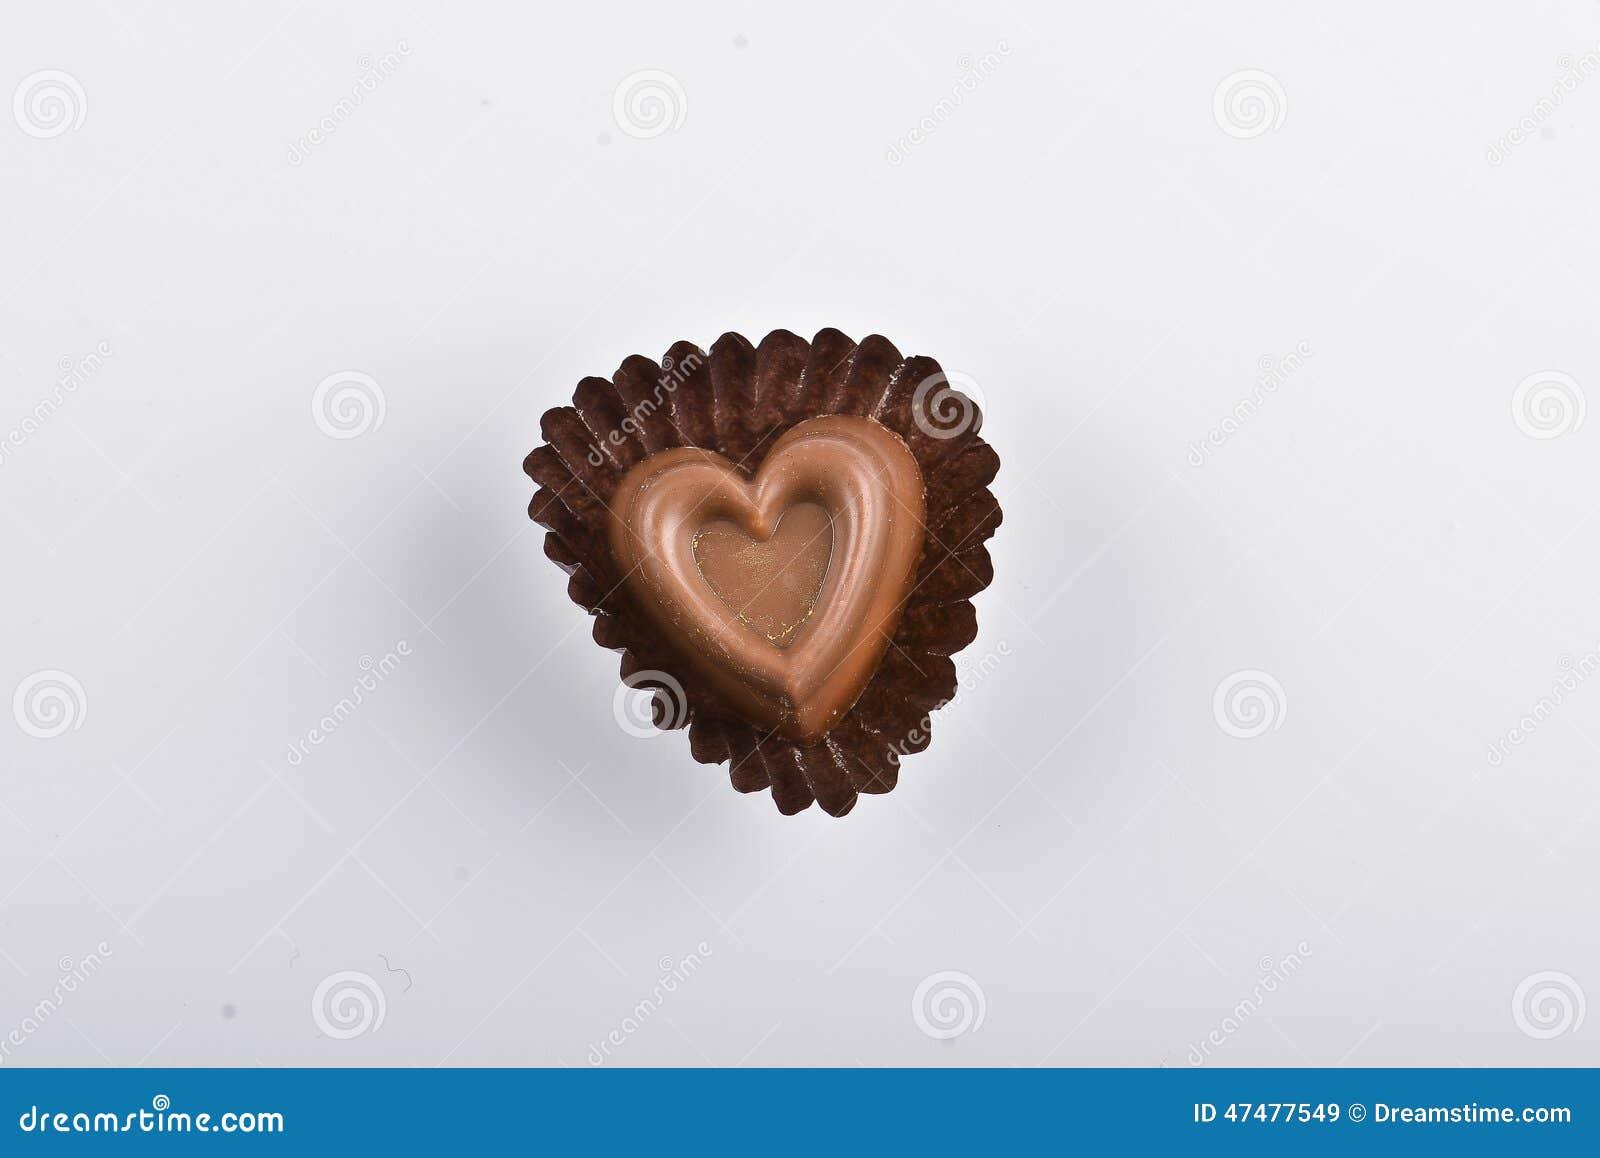 τρισδιάστατη σοκολάτας απεικόνιση καρδιών σχεδίου γραφική που δίνεται